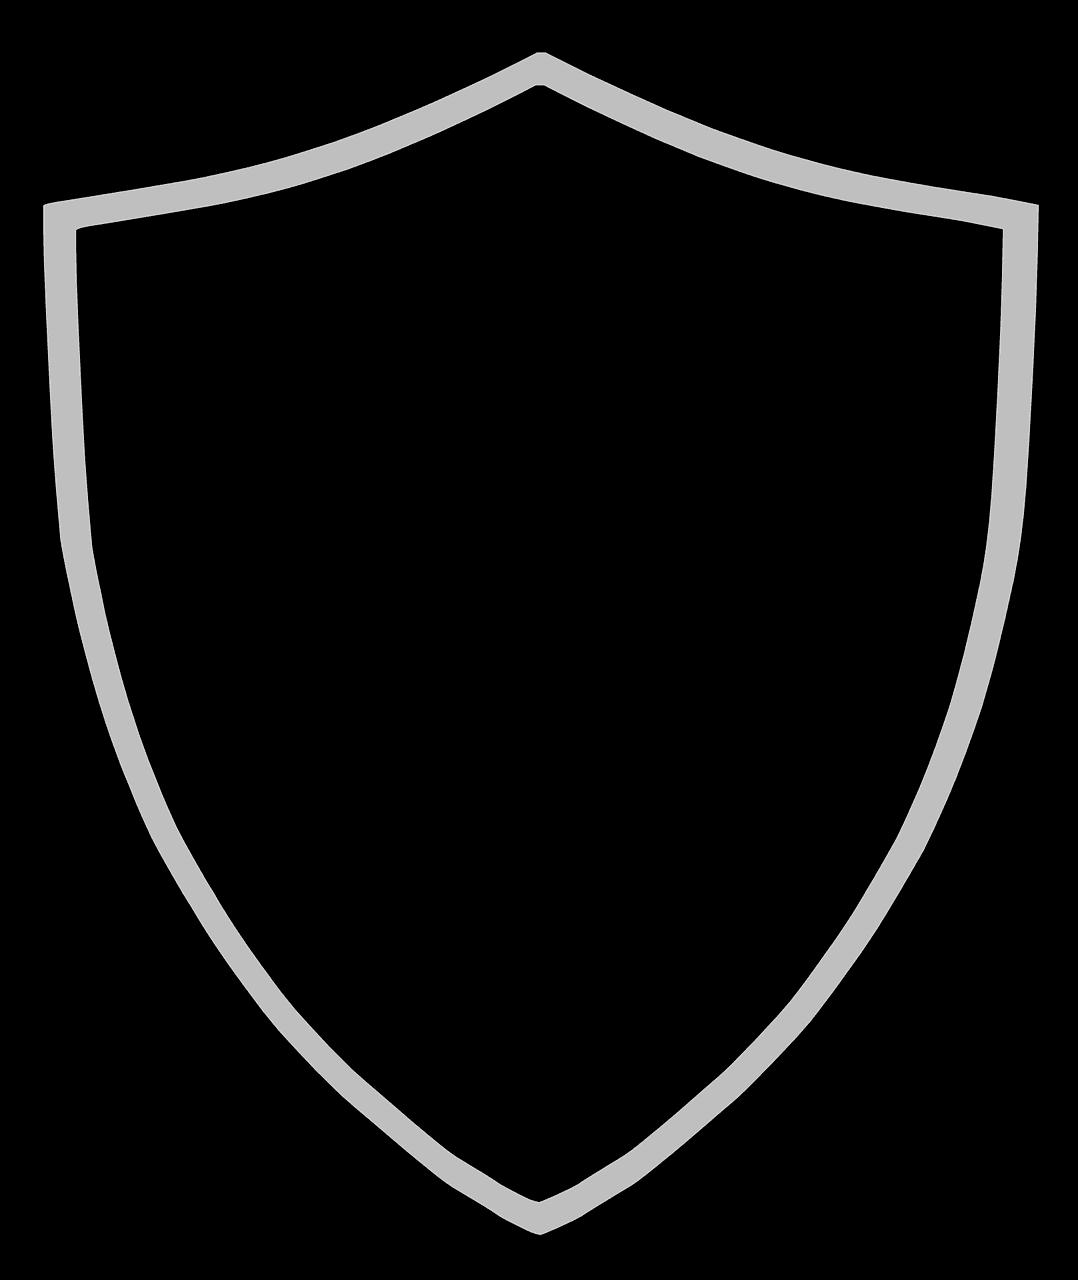 לוגו לחברת אבטחה